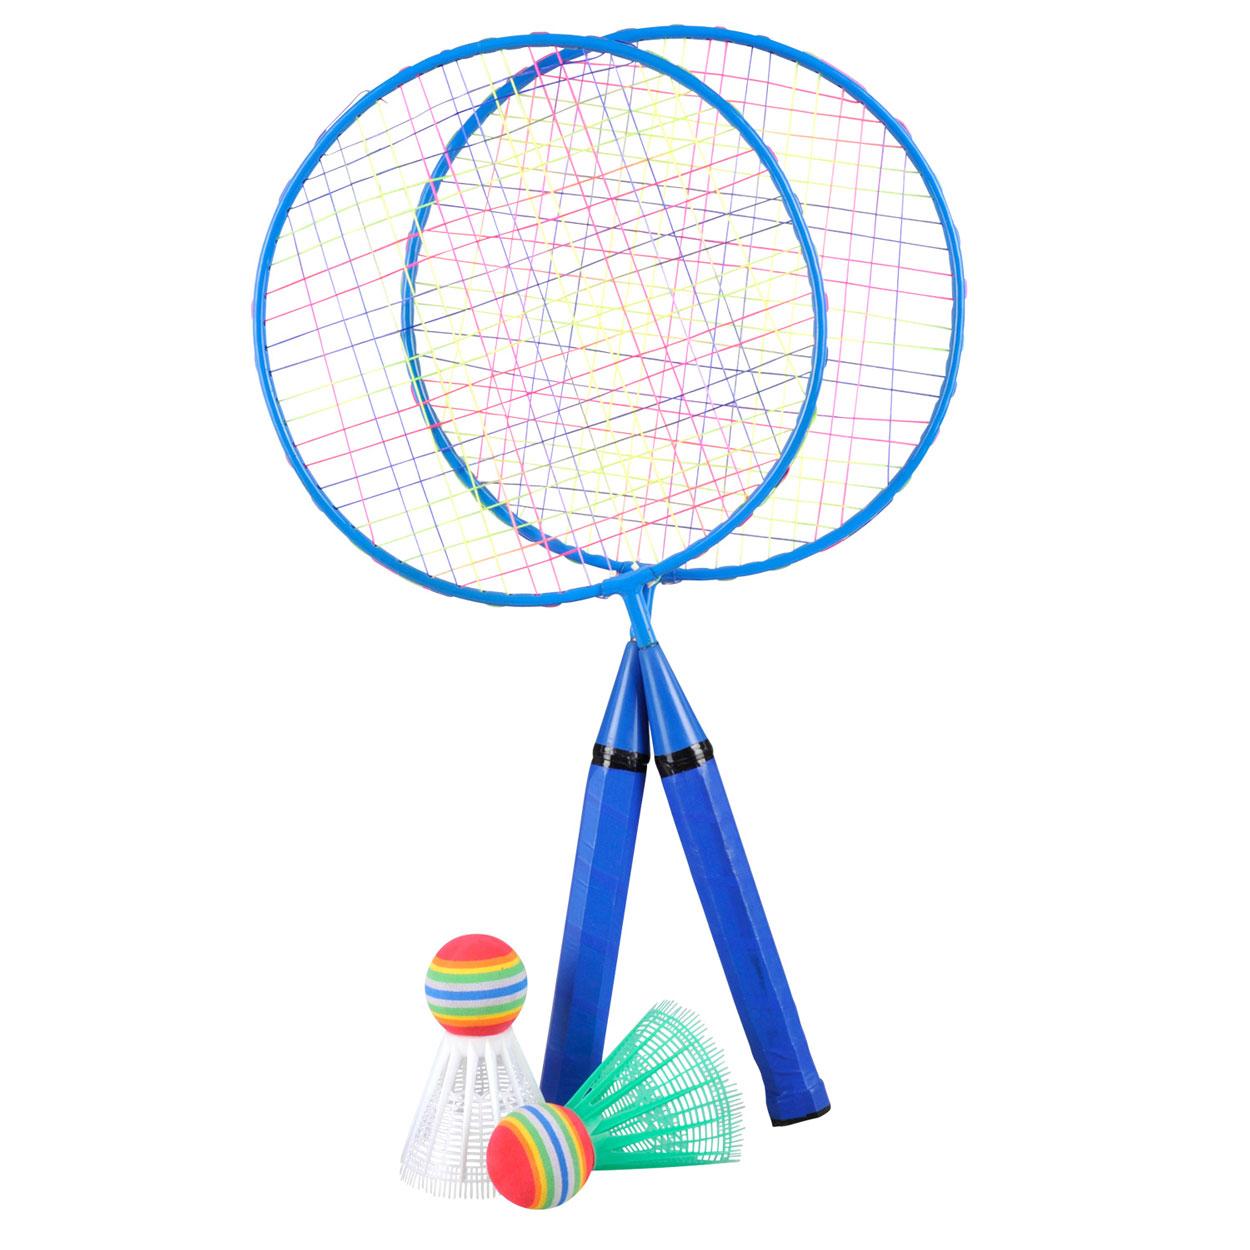 Blauw Badmintonset online kopen   Lobbes.nl Badmintonset Kinderen